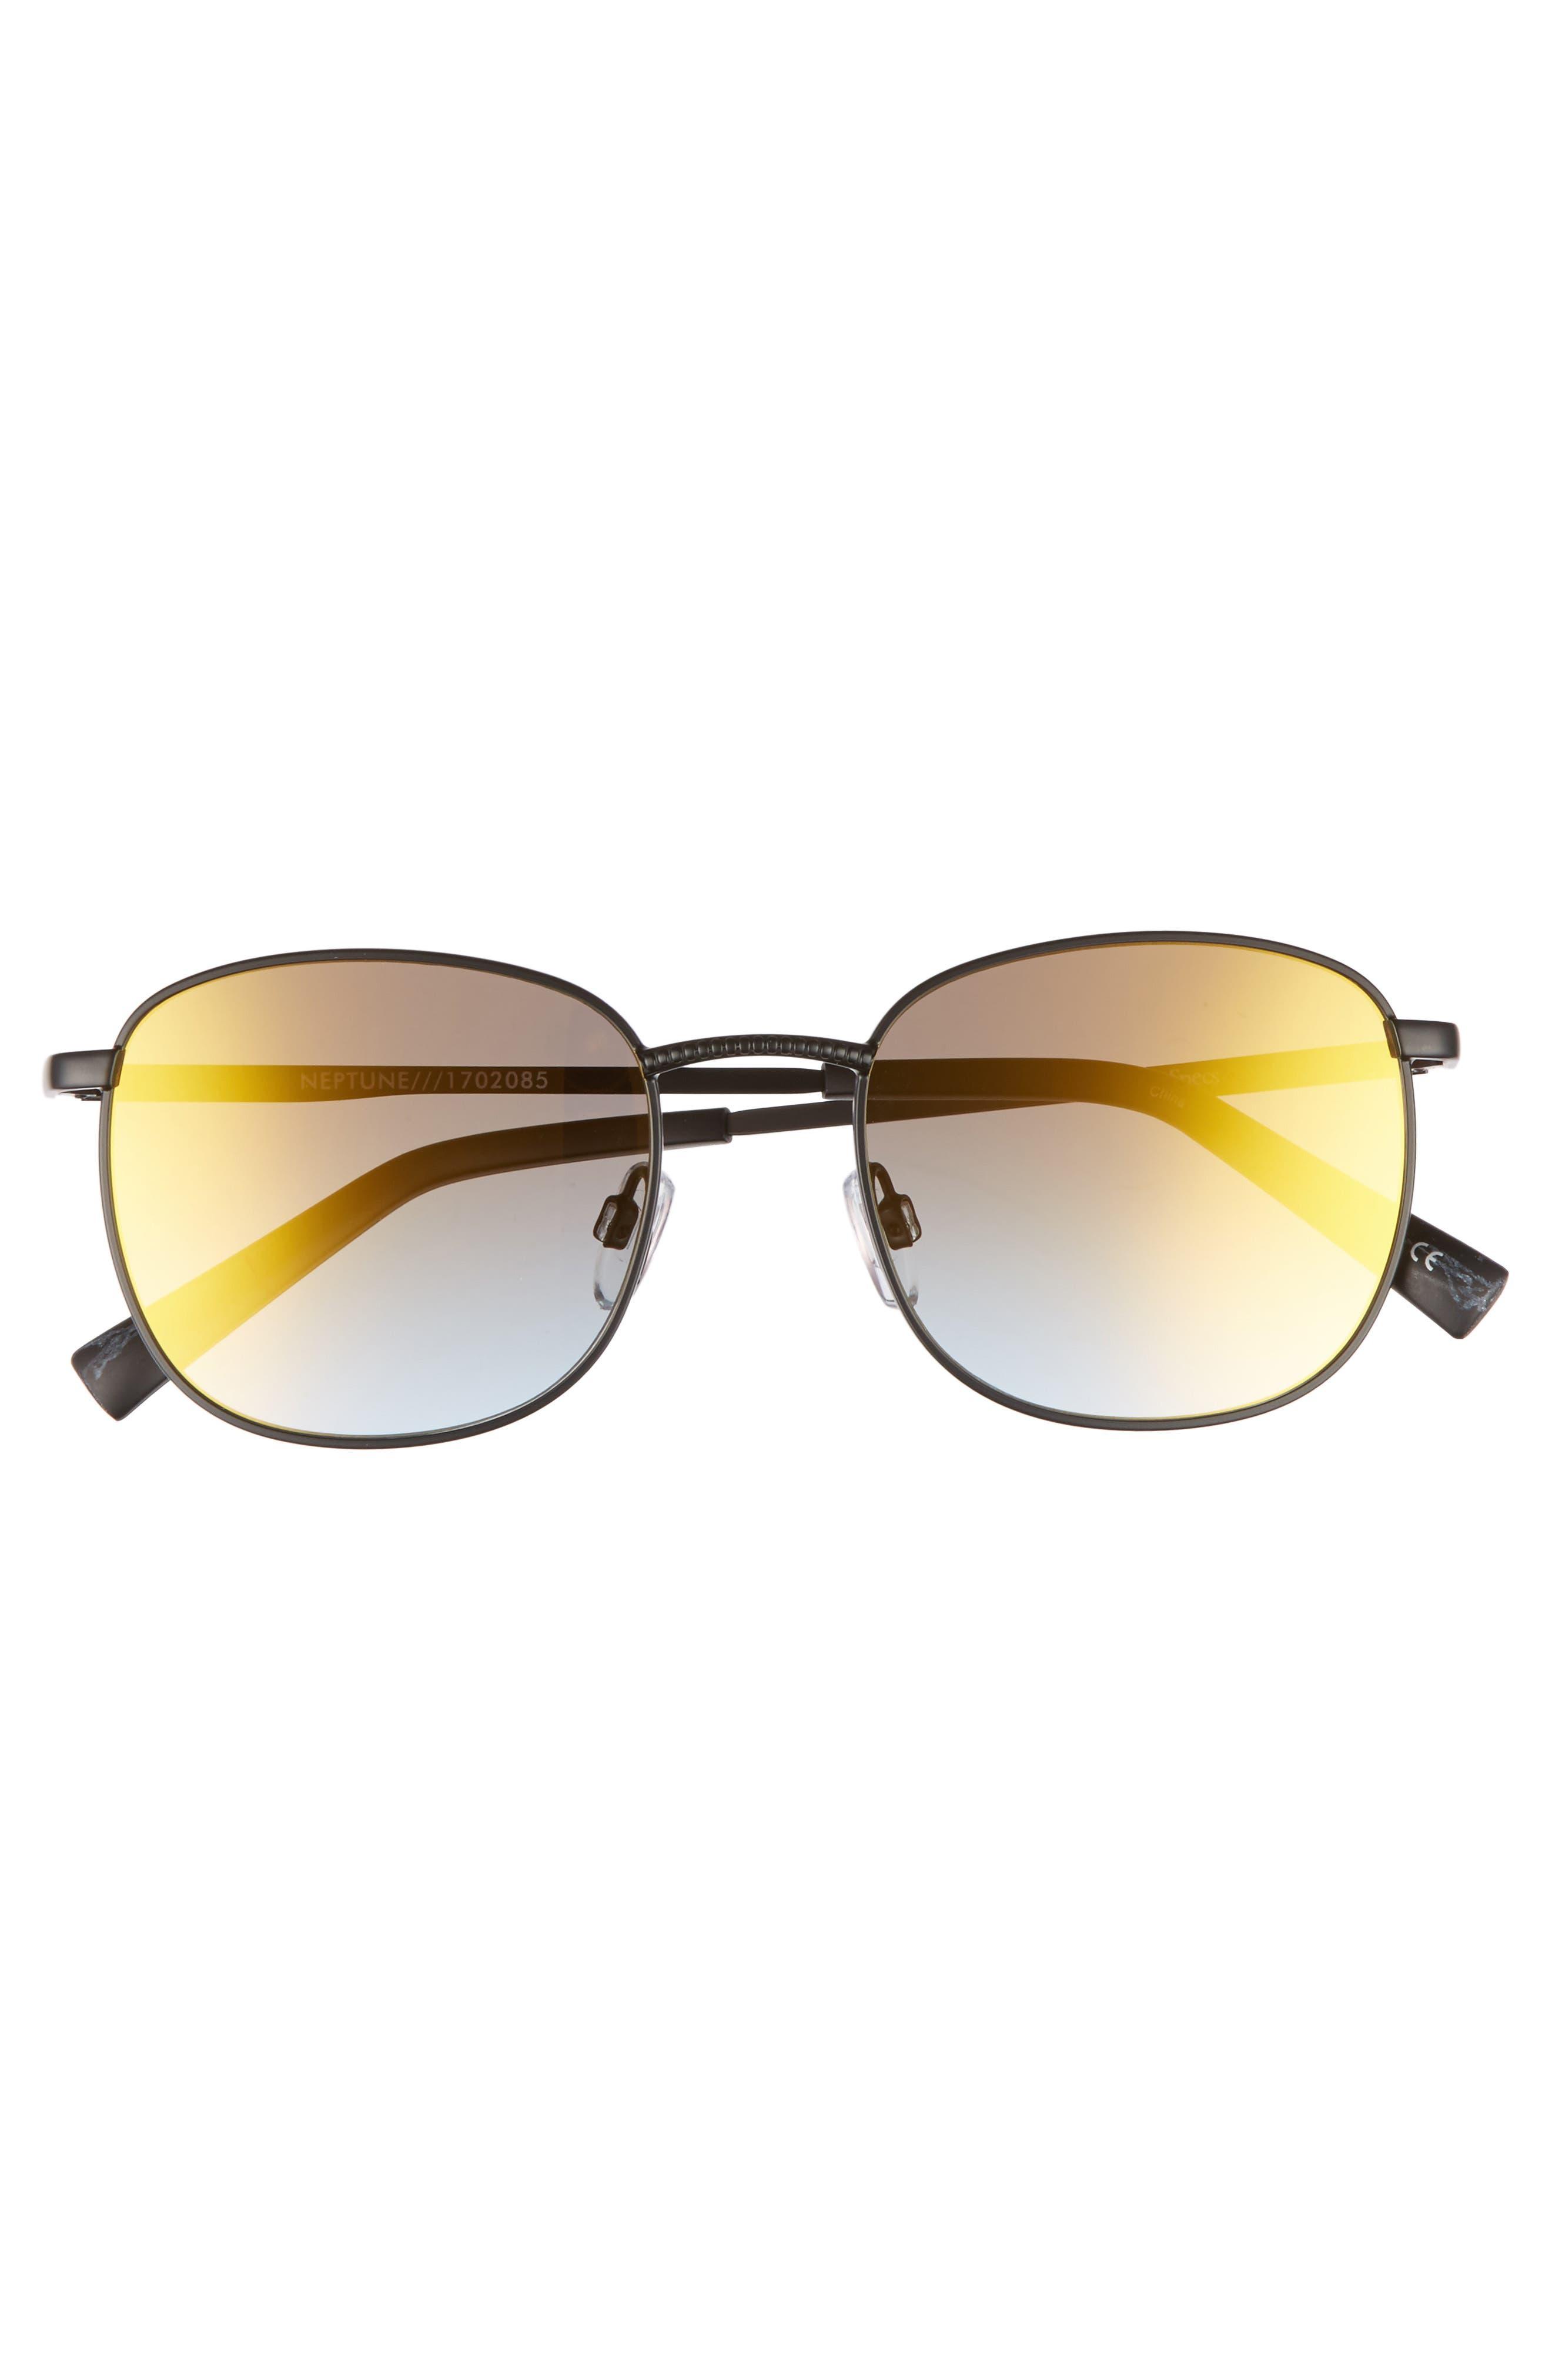 Neptune 49mm Sunglasses,                             Alternate thumbnail 3, color,                             001